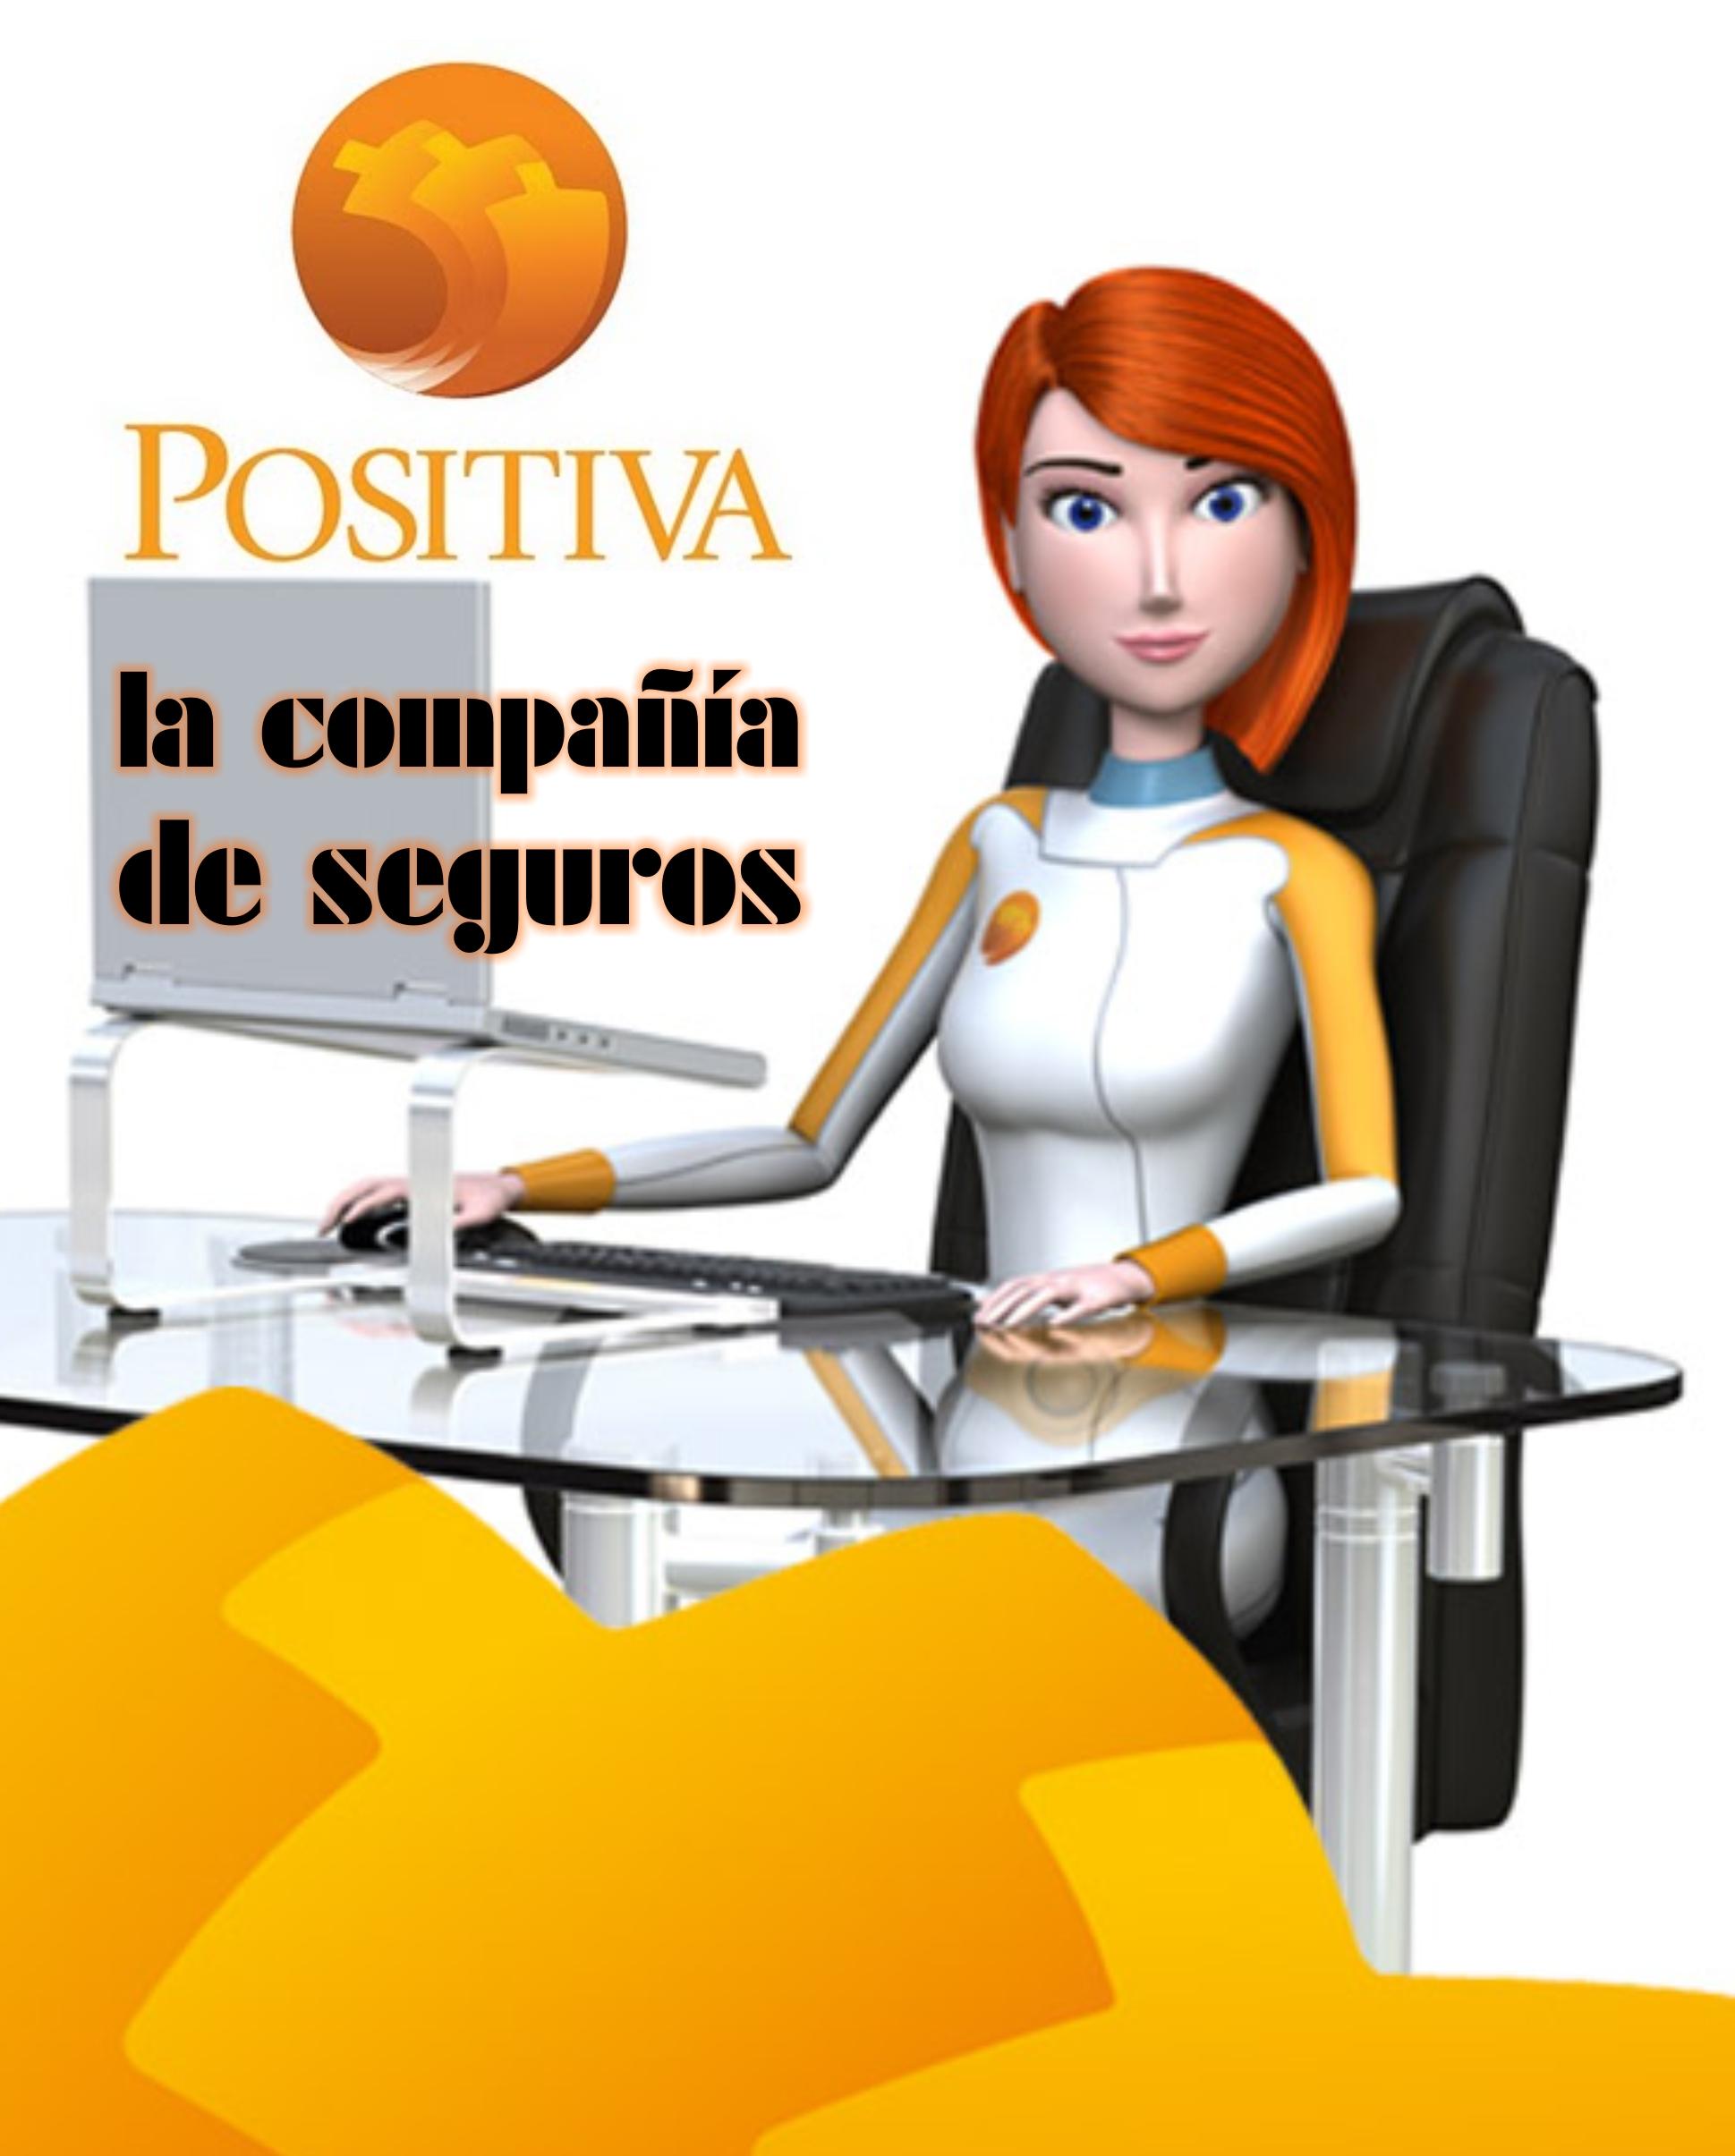 Positiva ARP, la compañía de seguros.